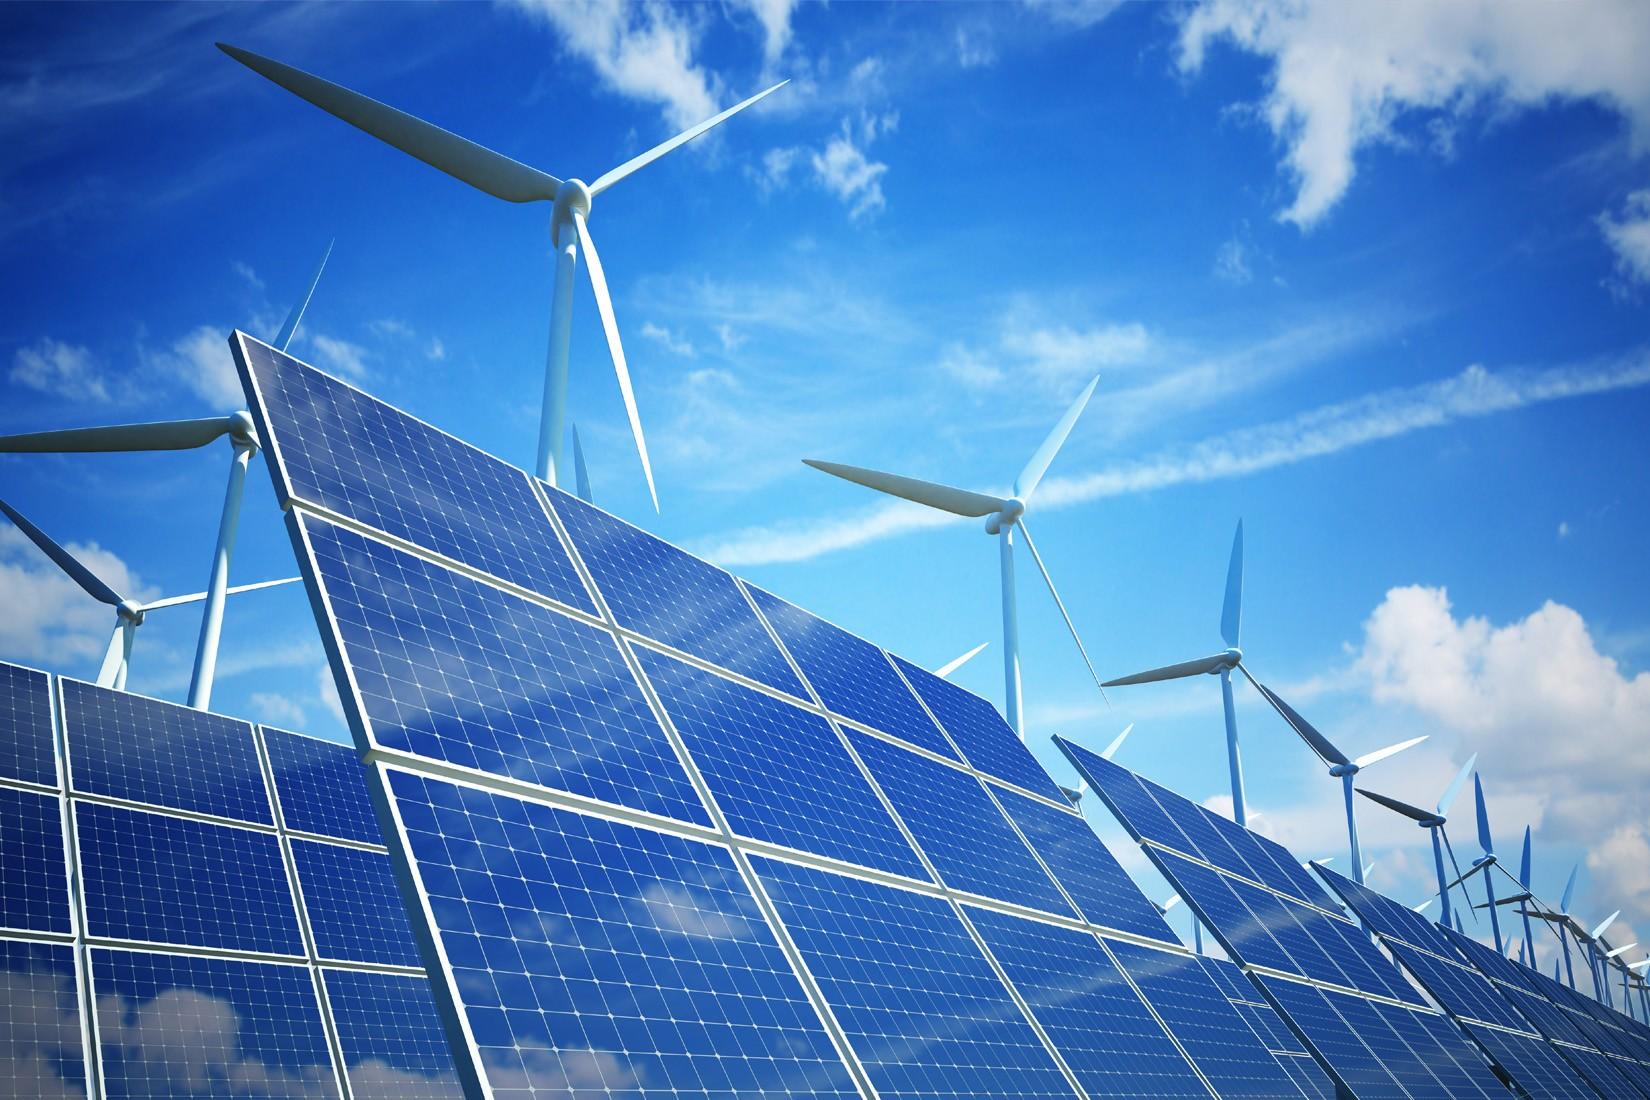 alternatif enerji kaynakları değer kazanacaktır